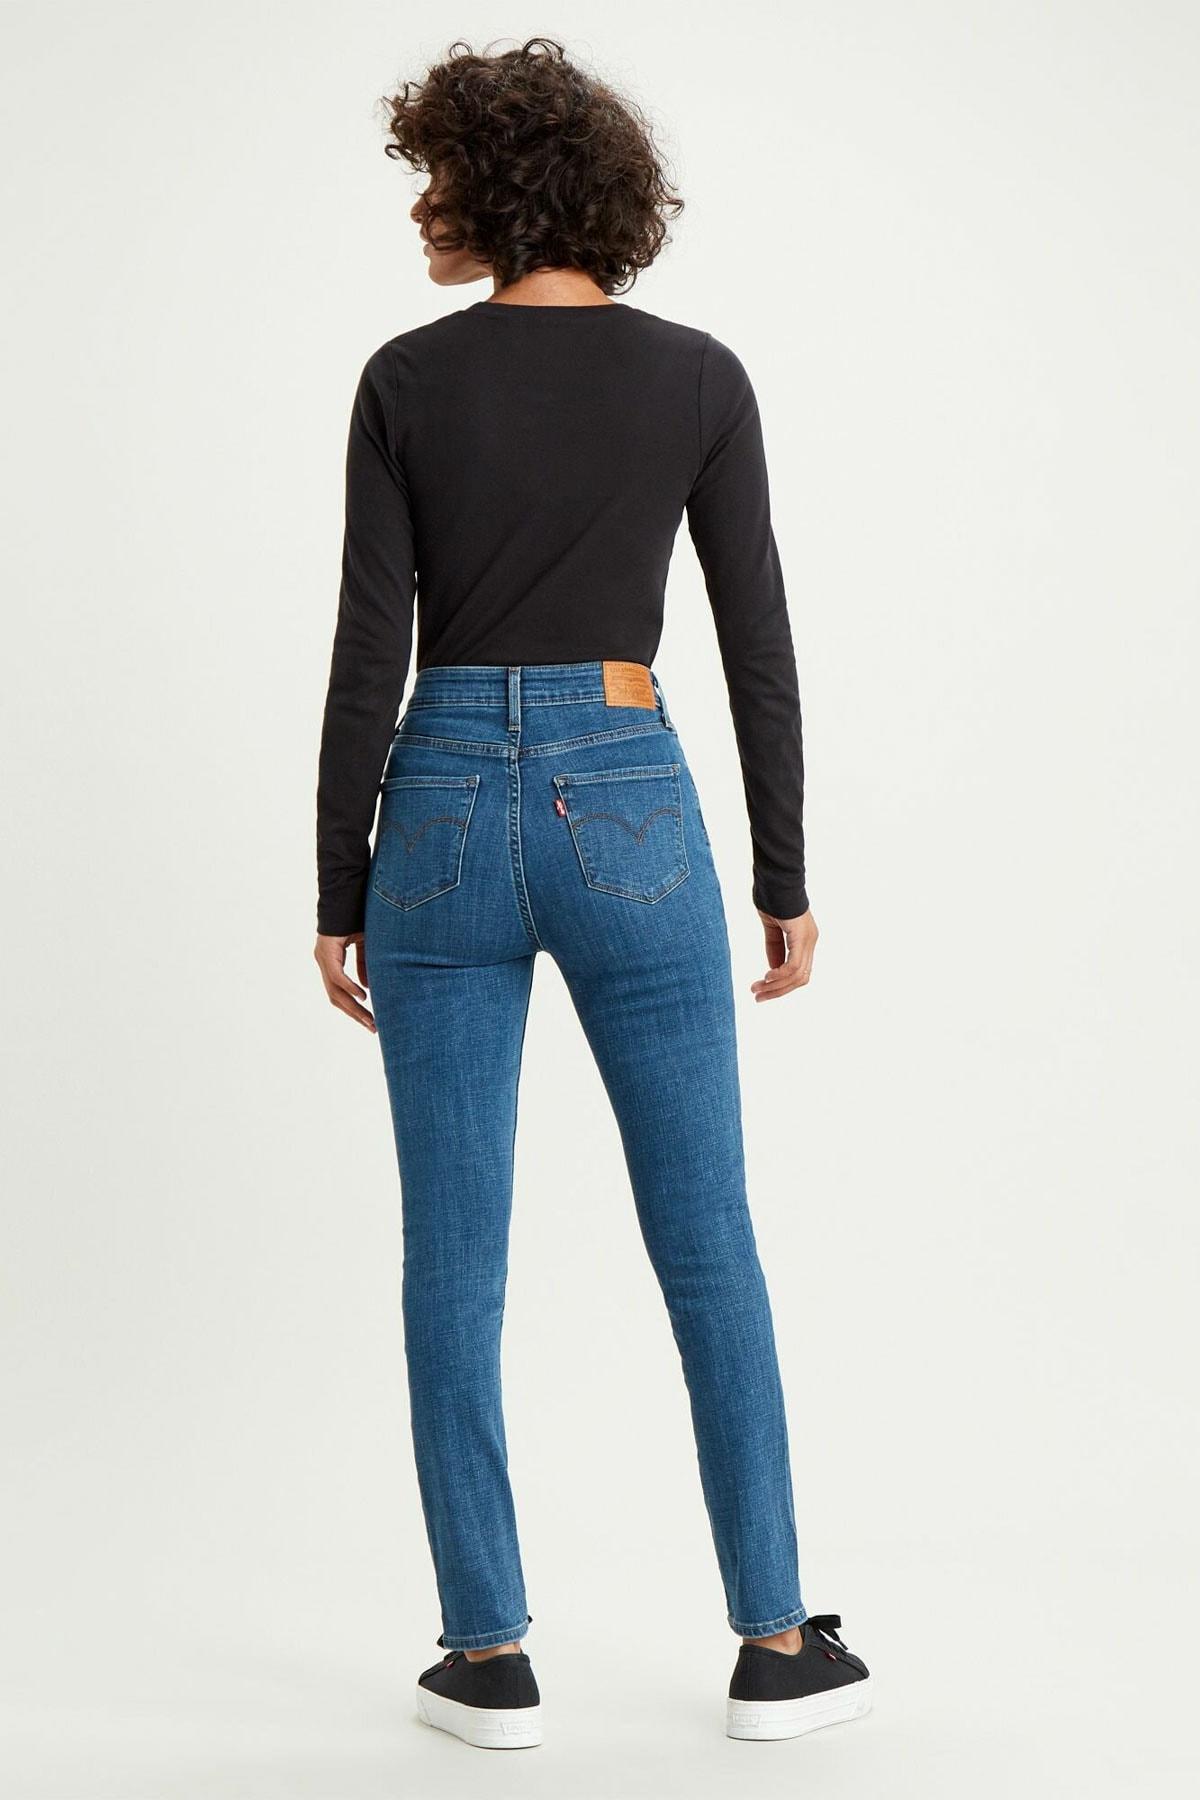 Levi's Kadın Mavi 721 Yüksek Bel Skinny Jean 18882-0388 2